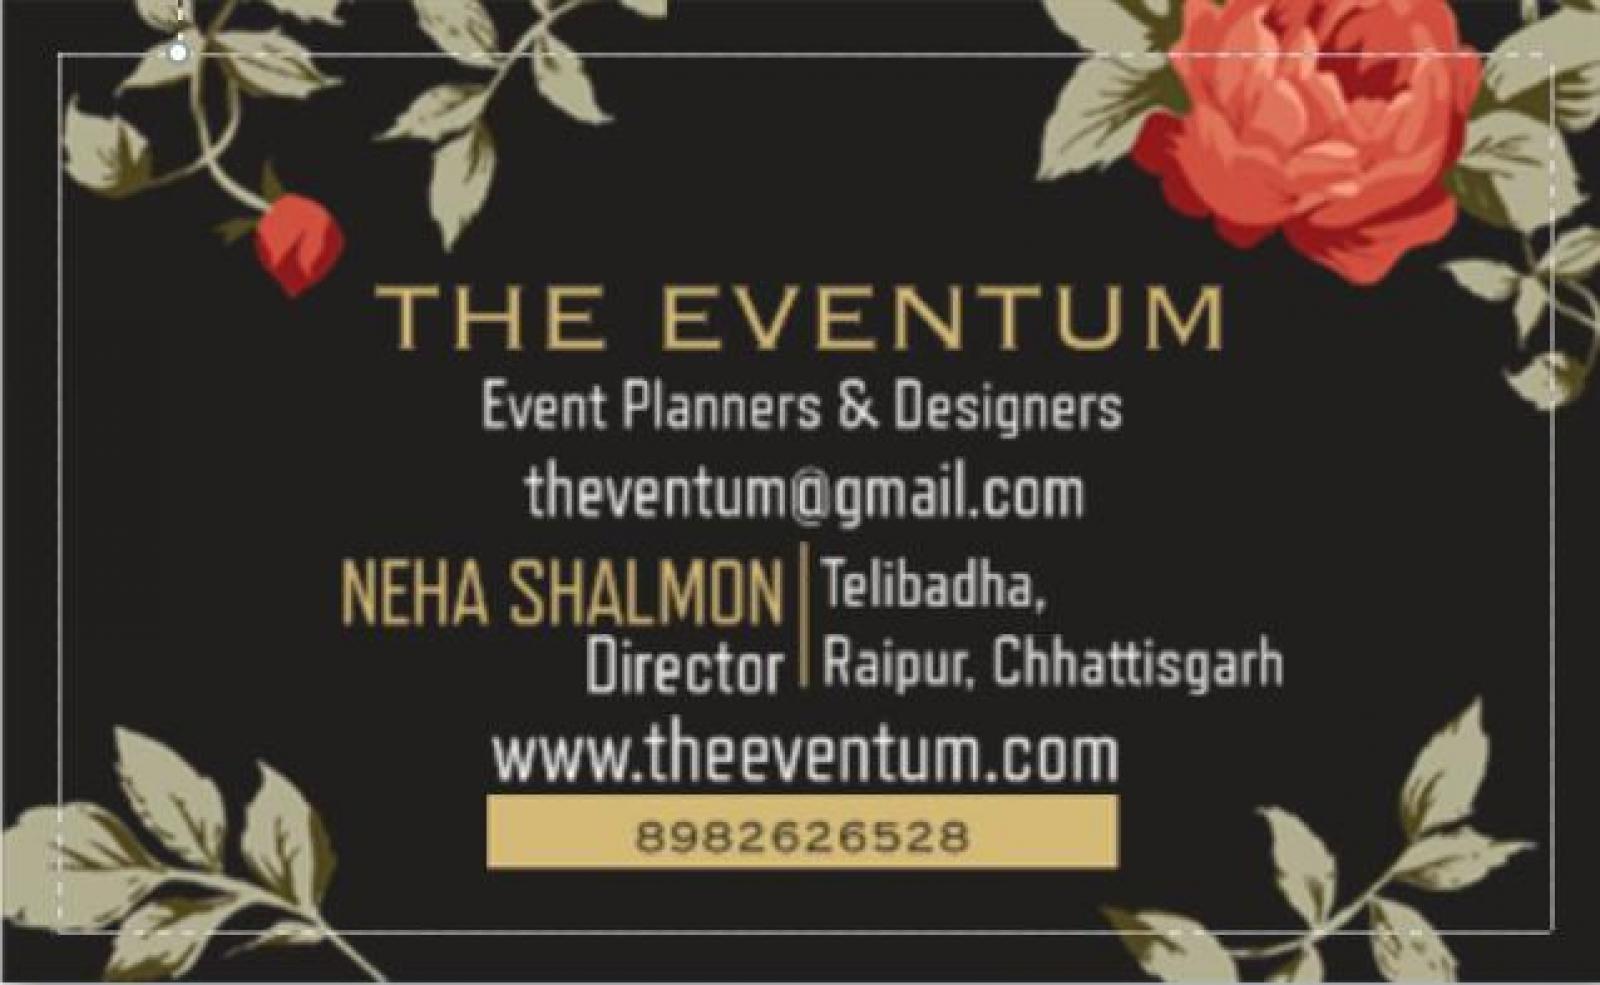 The Eventum